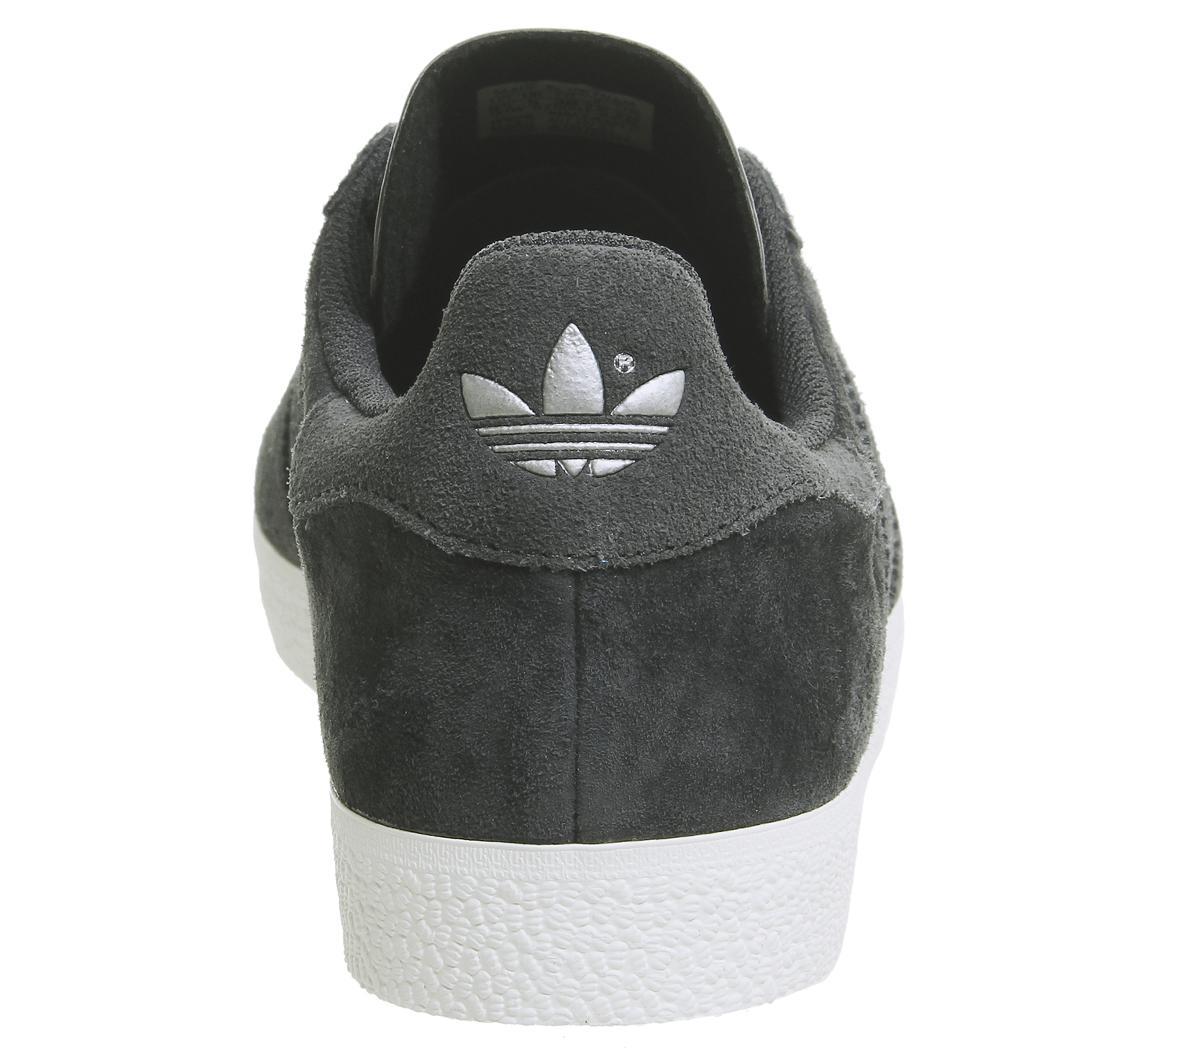 adidas Gazelle Trainers Night Grey